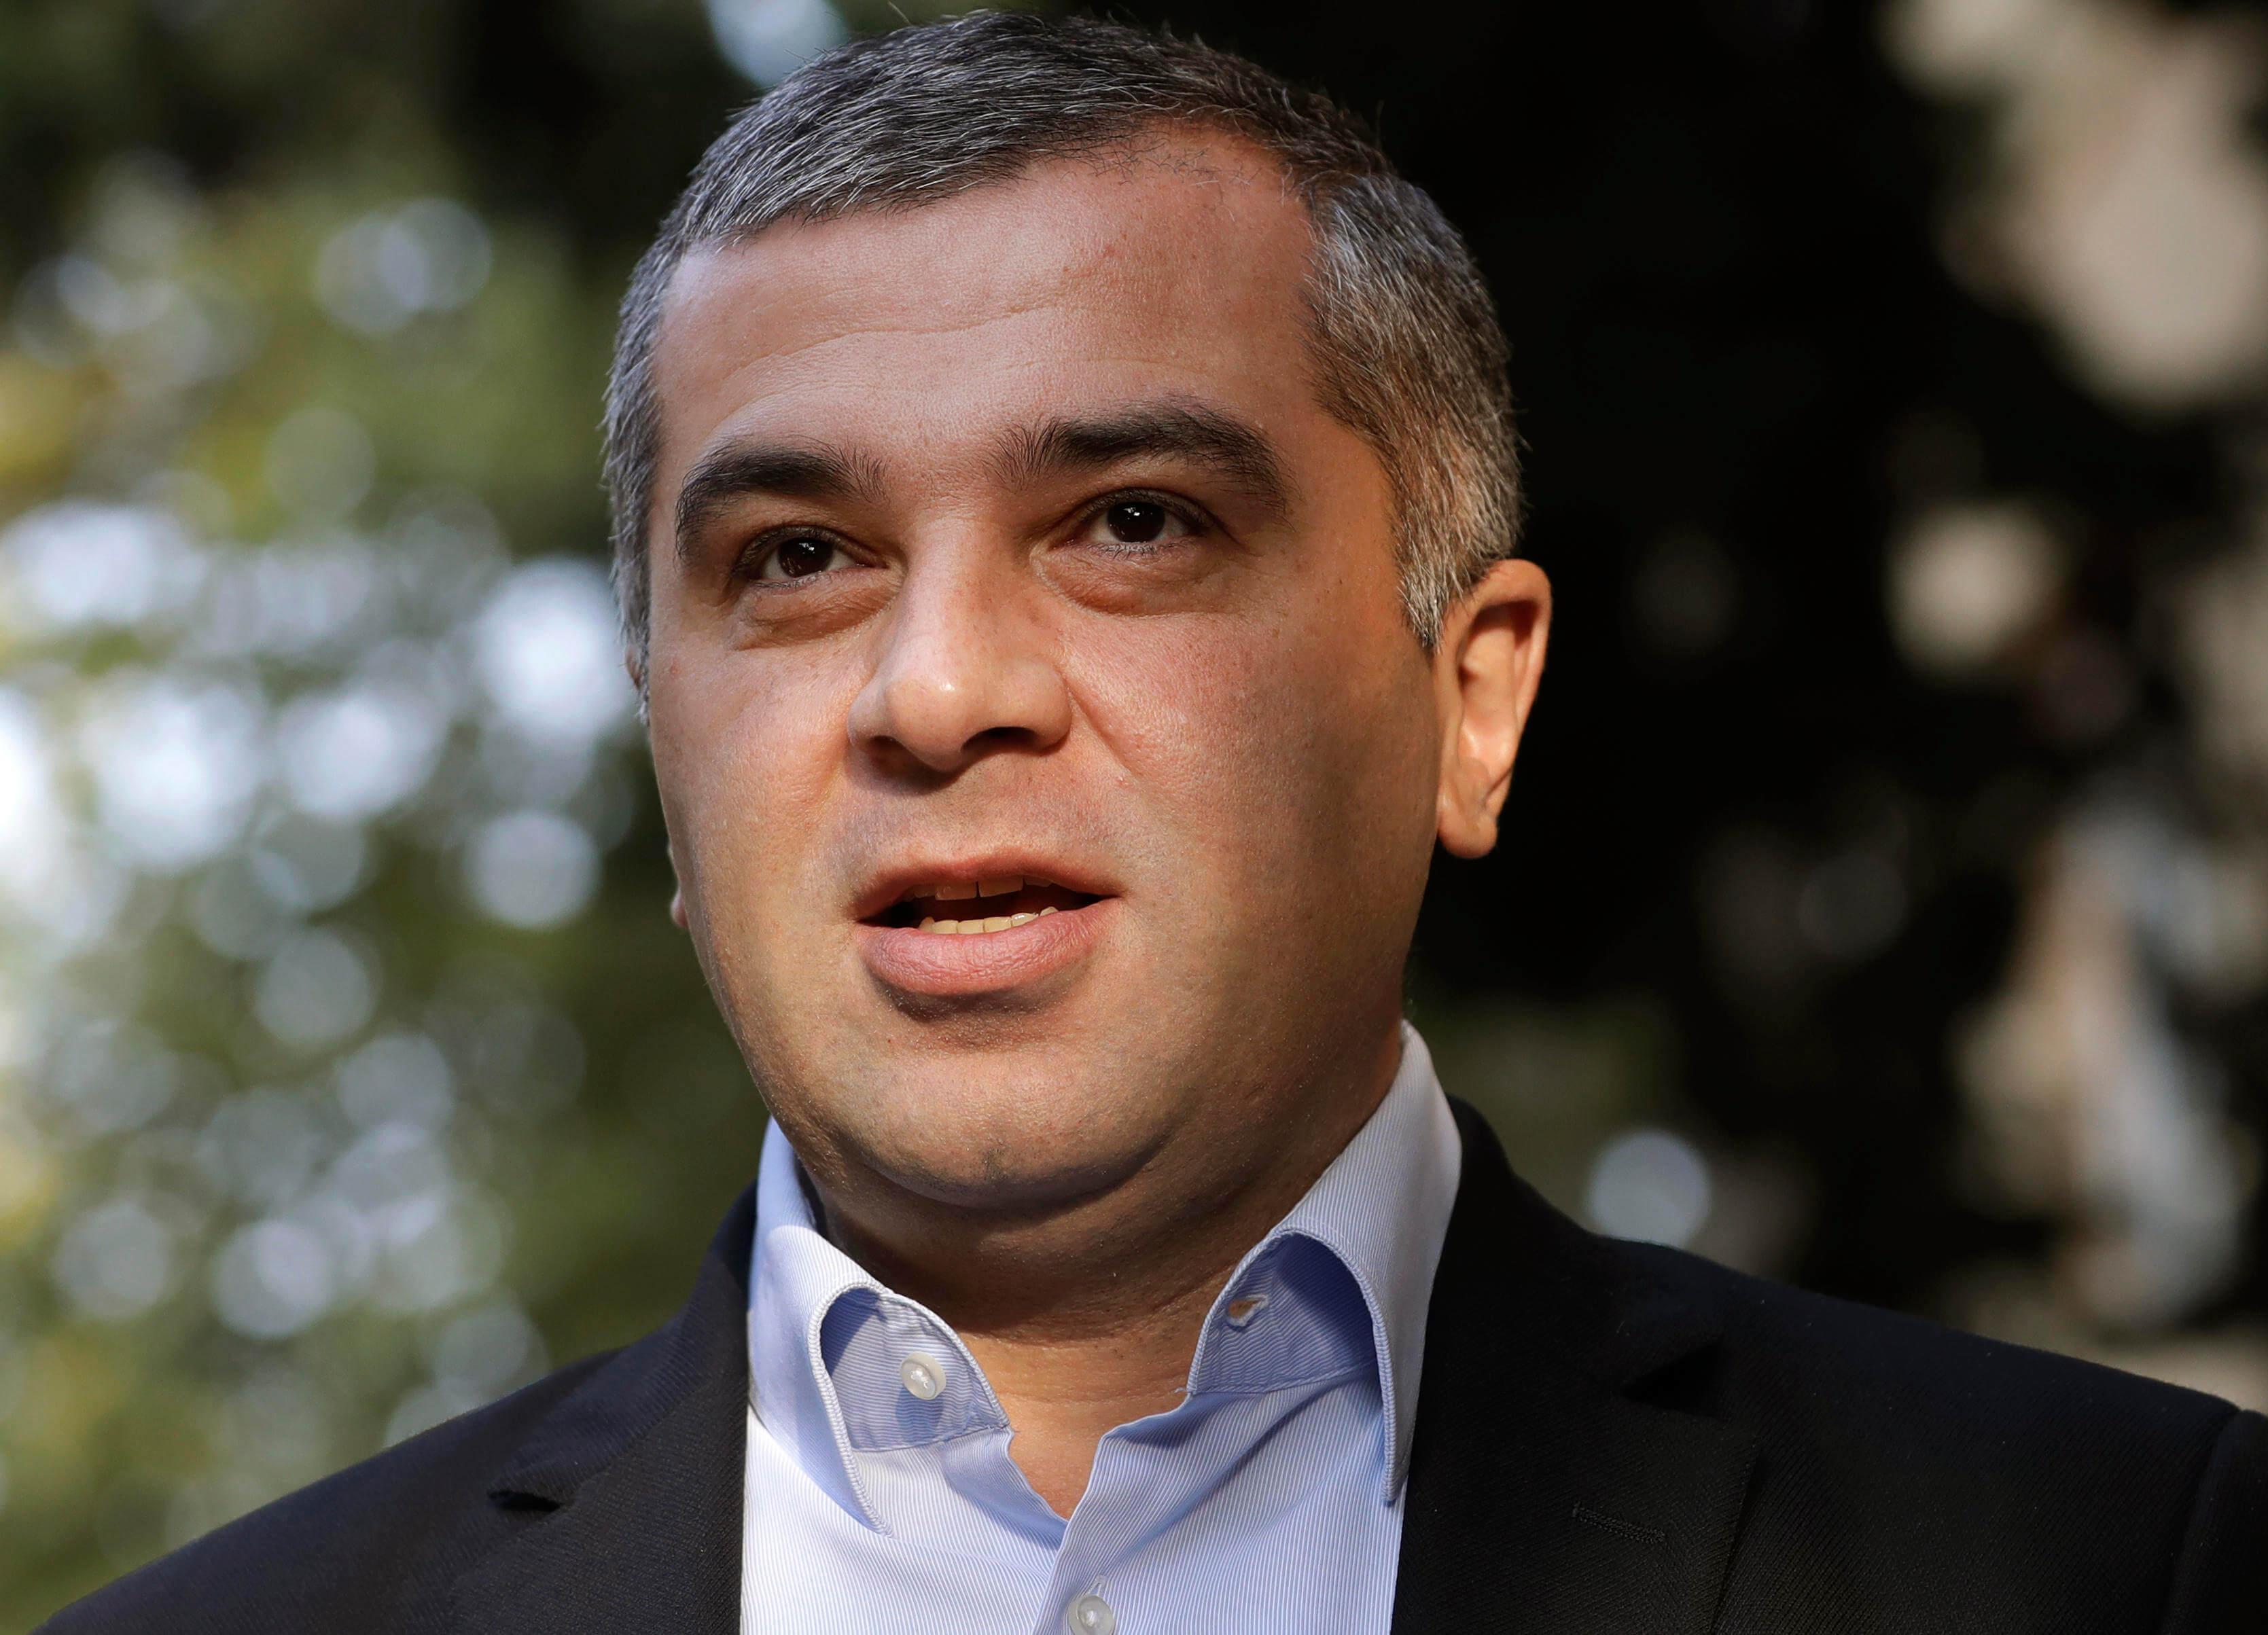 Давид Бакрадзе, кандидат от оппозиционной партии «Европейская Грузия», по соцопросам, делит с Зурабишвили второе-третье места